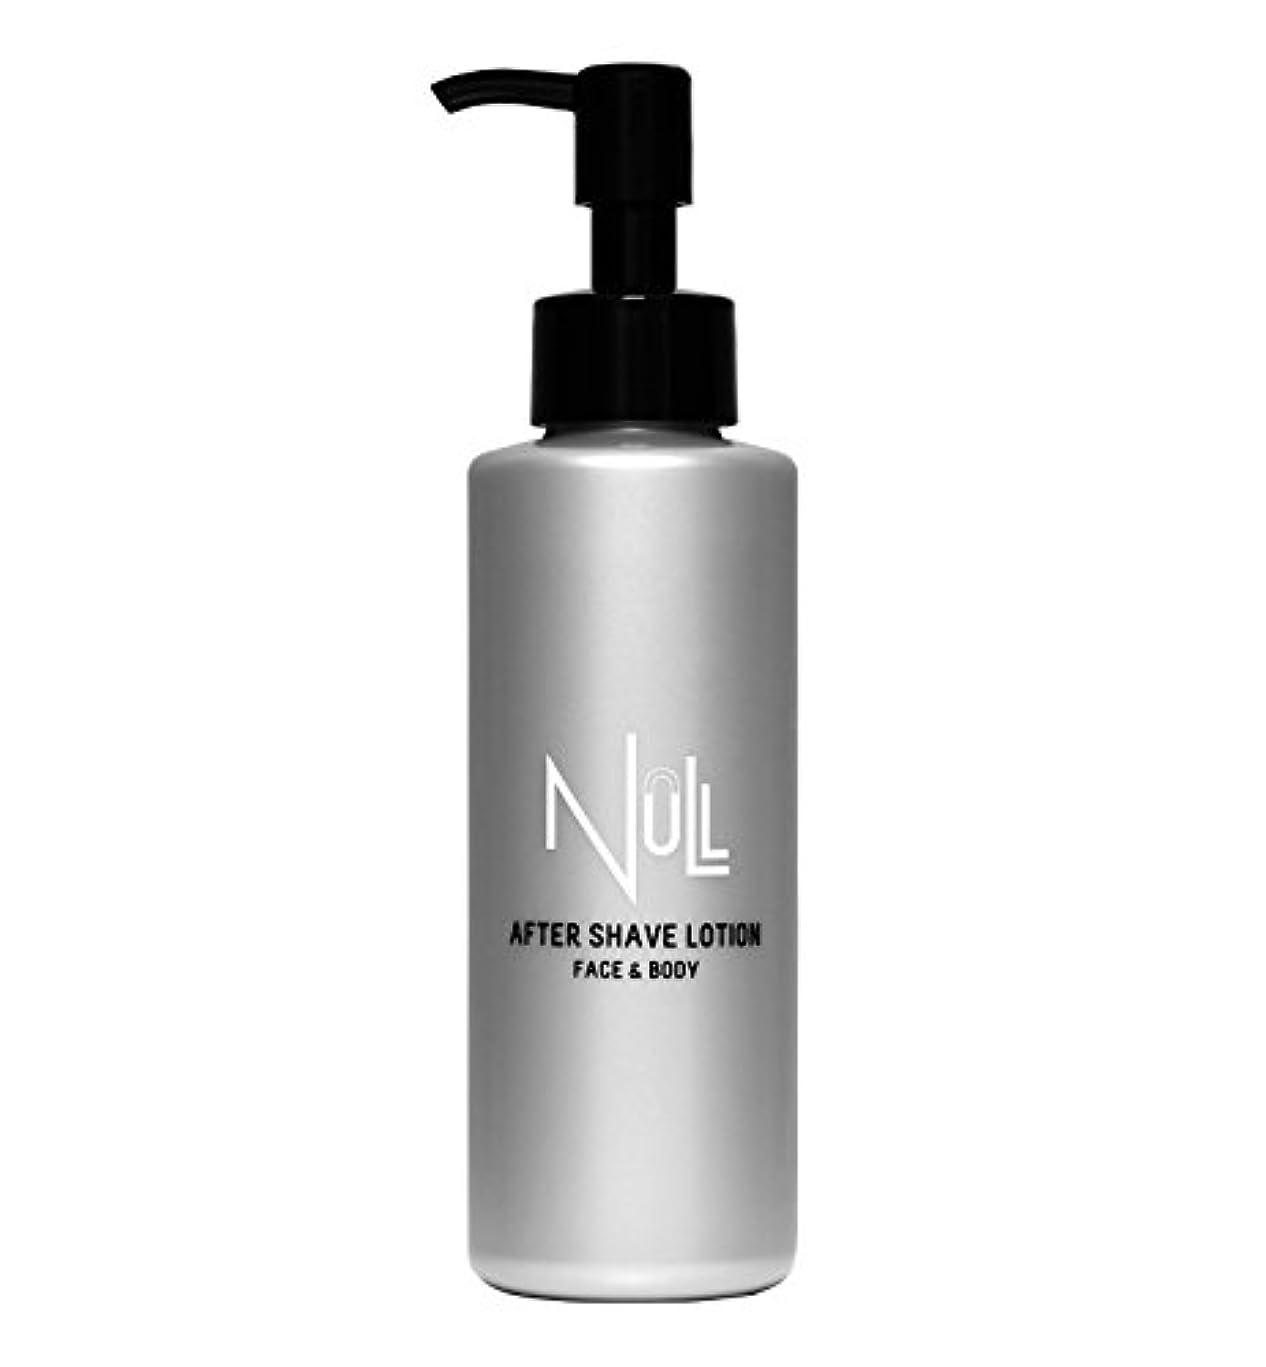 木製クリーナー多用途NULL アフターシェーブローション 化粧水 メンズ 150ml メンズ (除毛 ヒゲ剃り のアフターケアに)